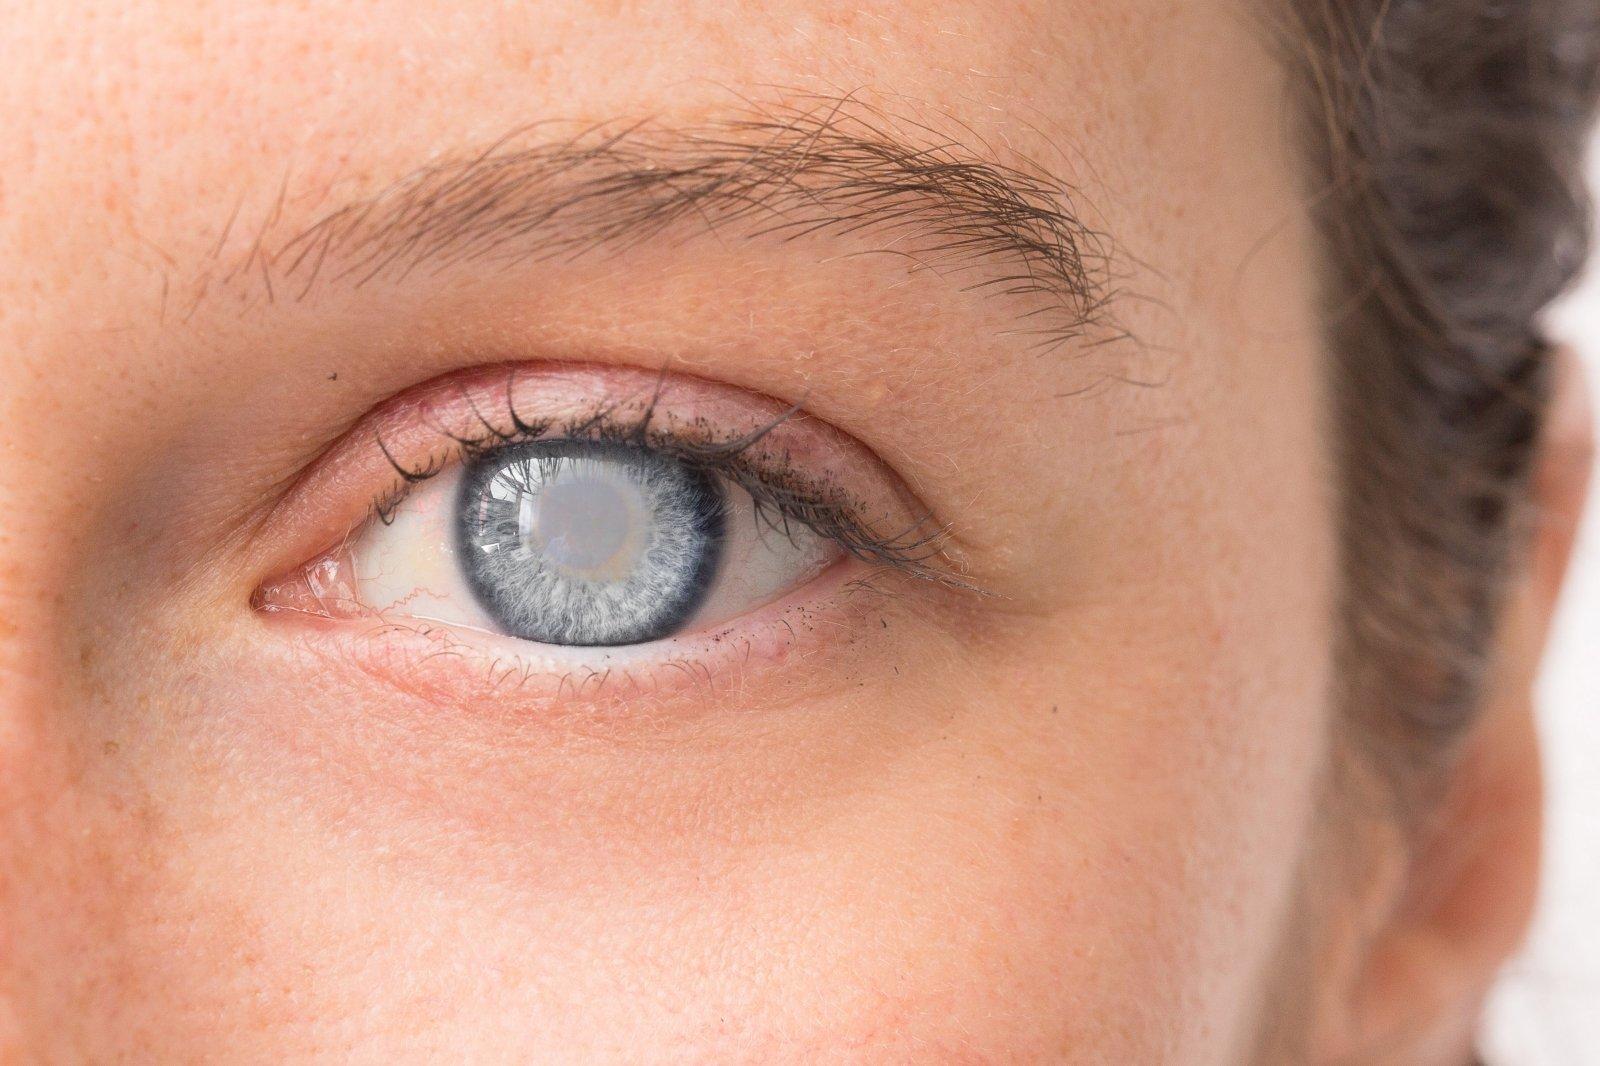 Raudona dėmelė akyje – nebūtinai nieko tokio